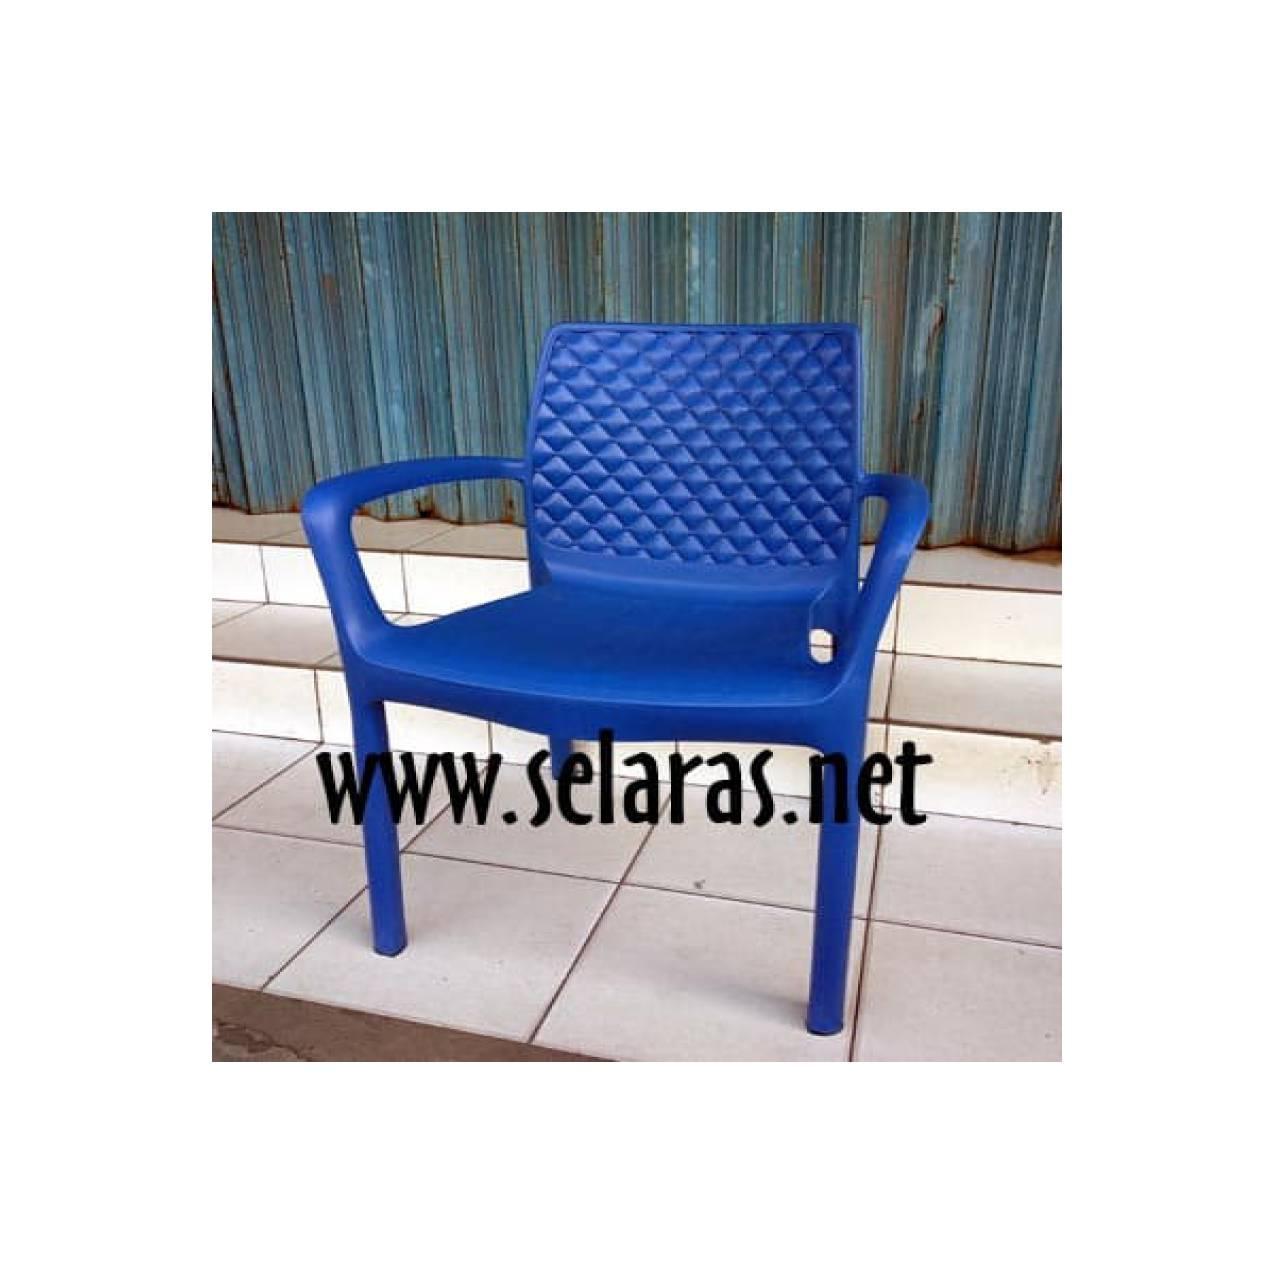 Kursi teras/ kursi taman/ kursi cafe plastik Olymplast 501s Biru